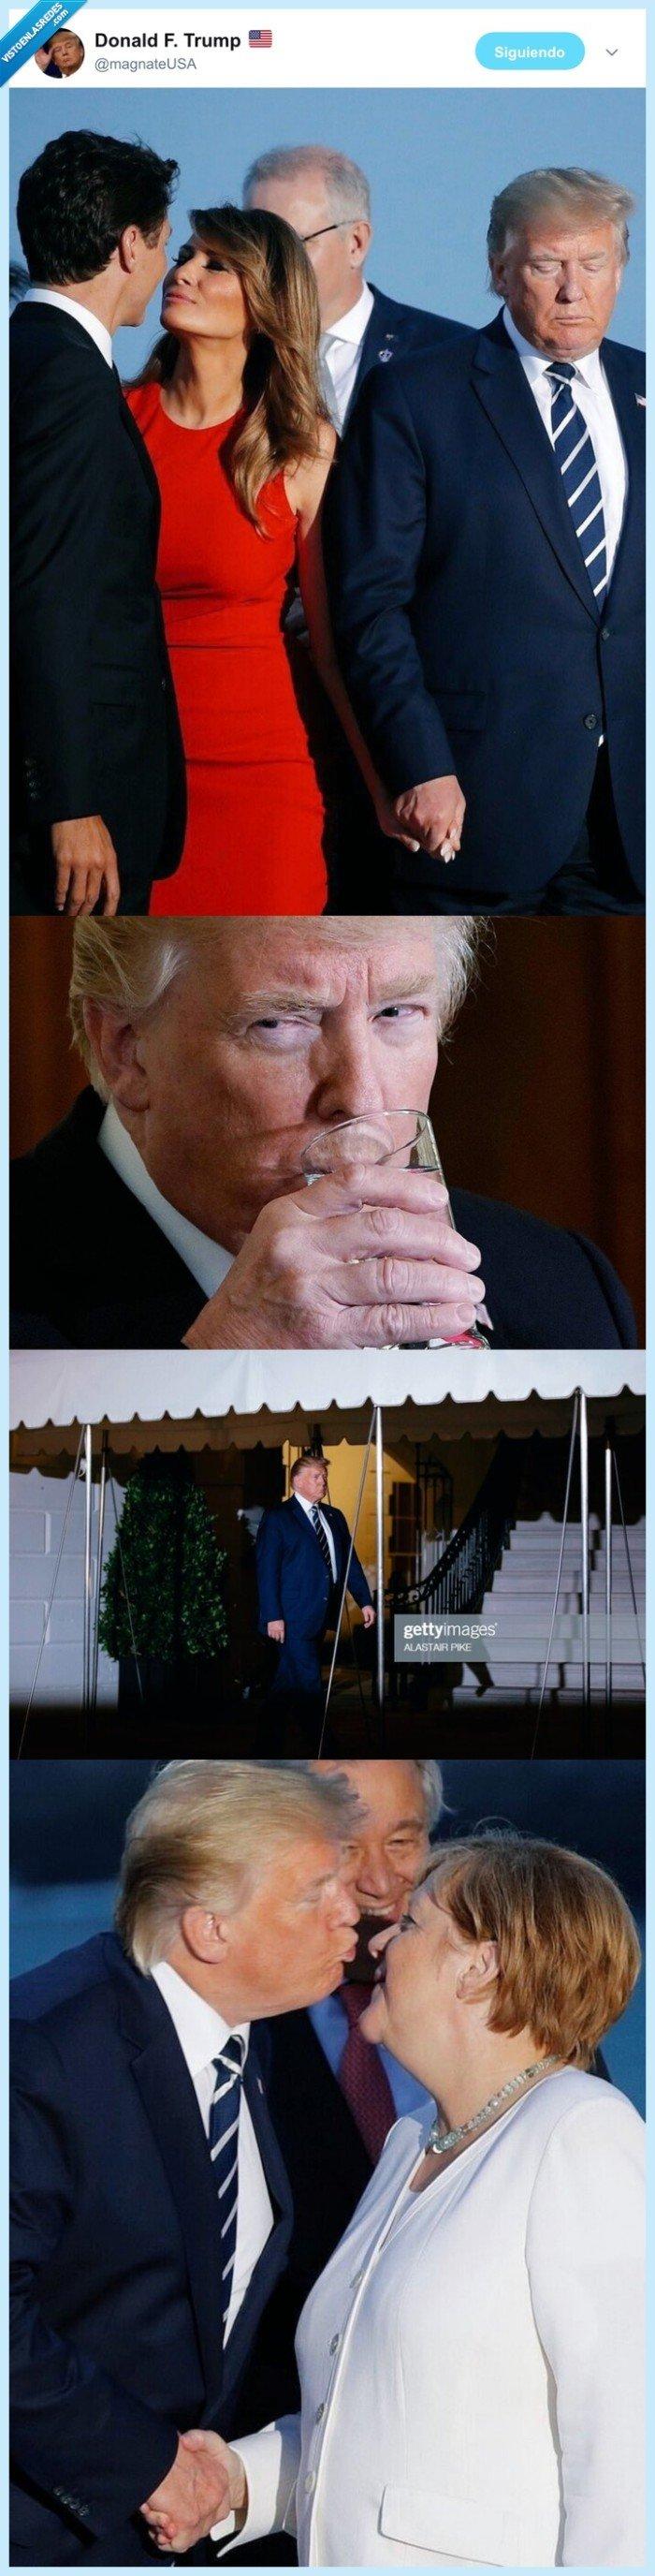 525510 - Trump está despechado, por @magnateUSA